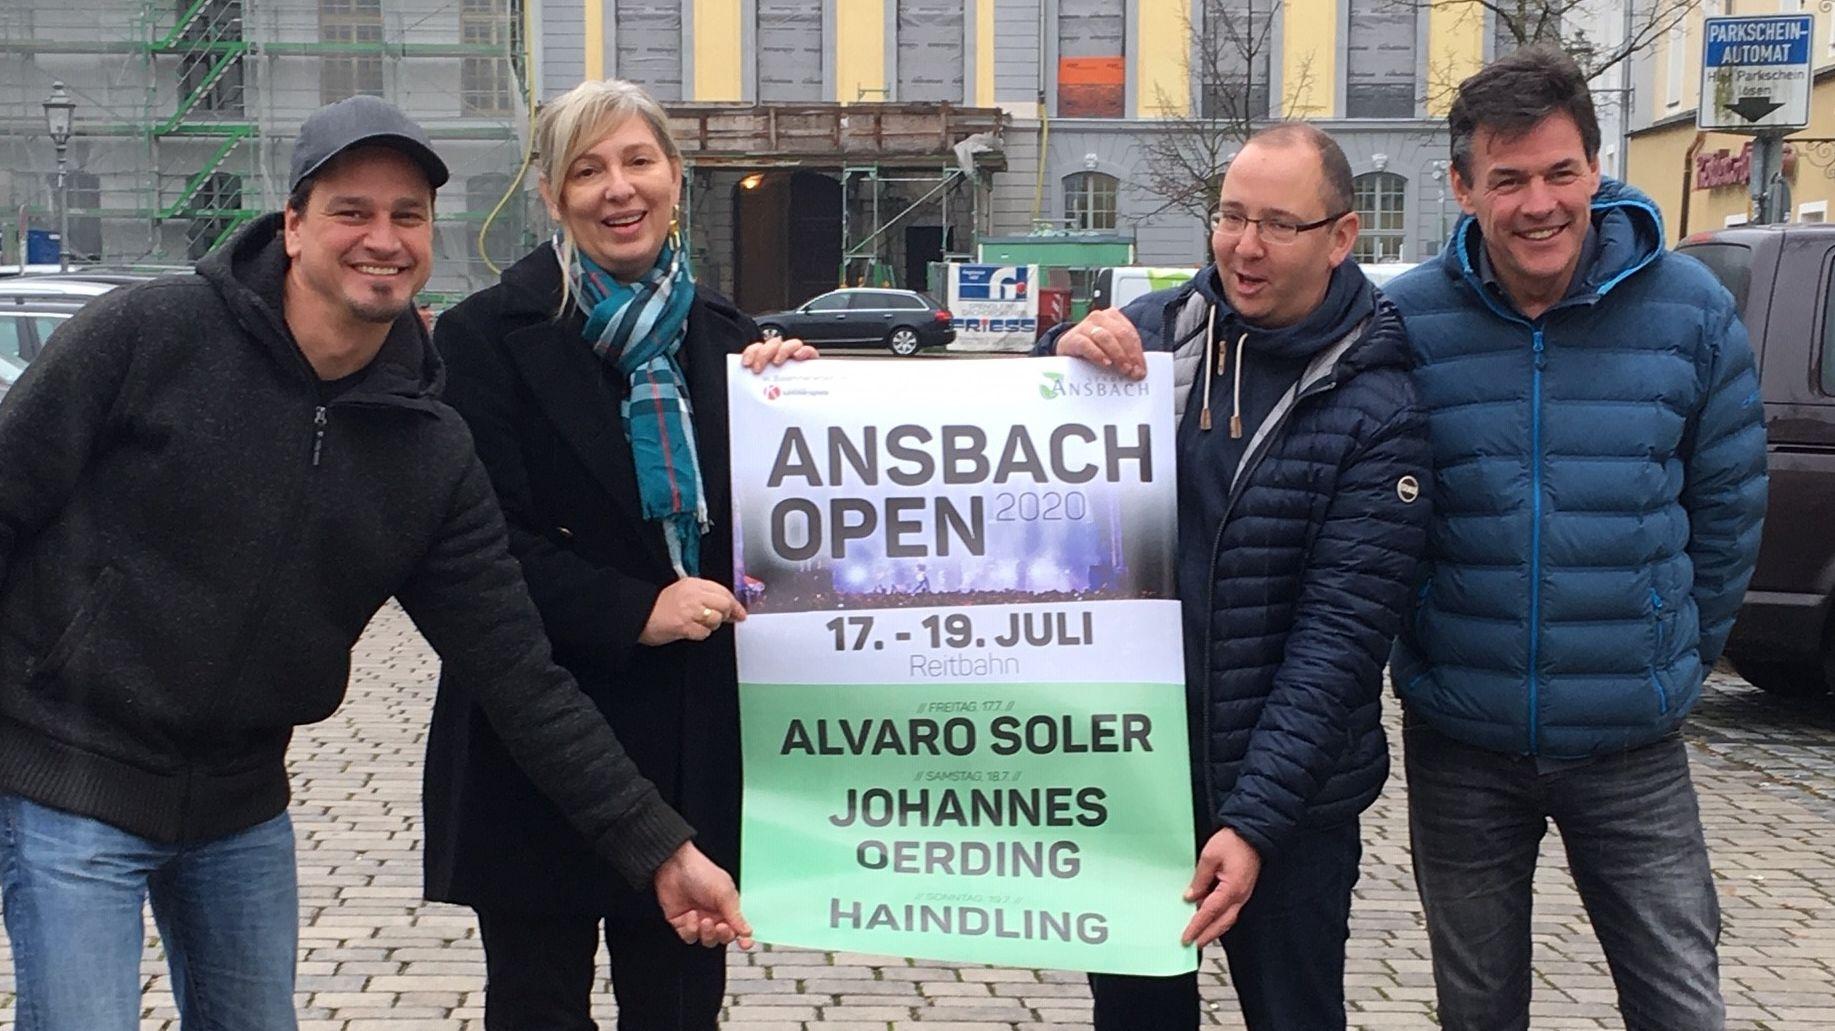 Ansbach Open 2020: Open-Air-Konzerte mit Alvaro Soler, Johannes Oerding und Haindling